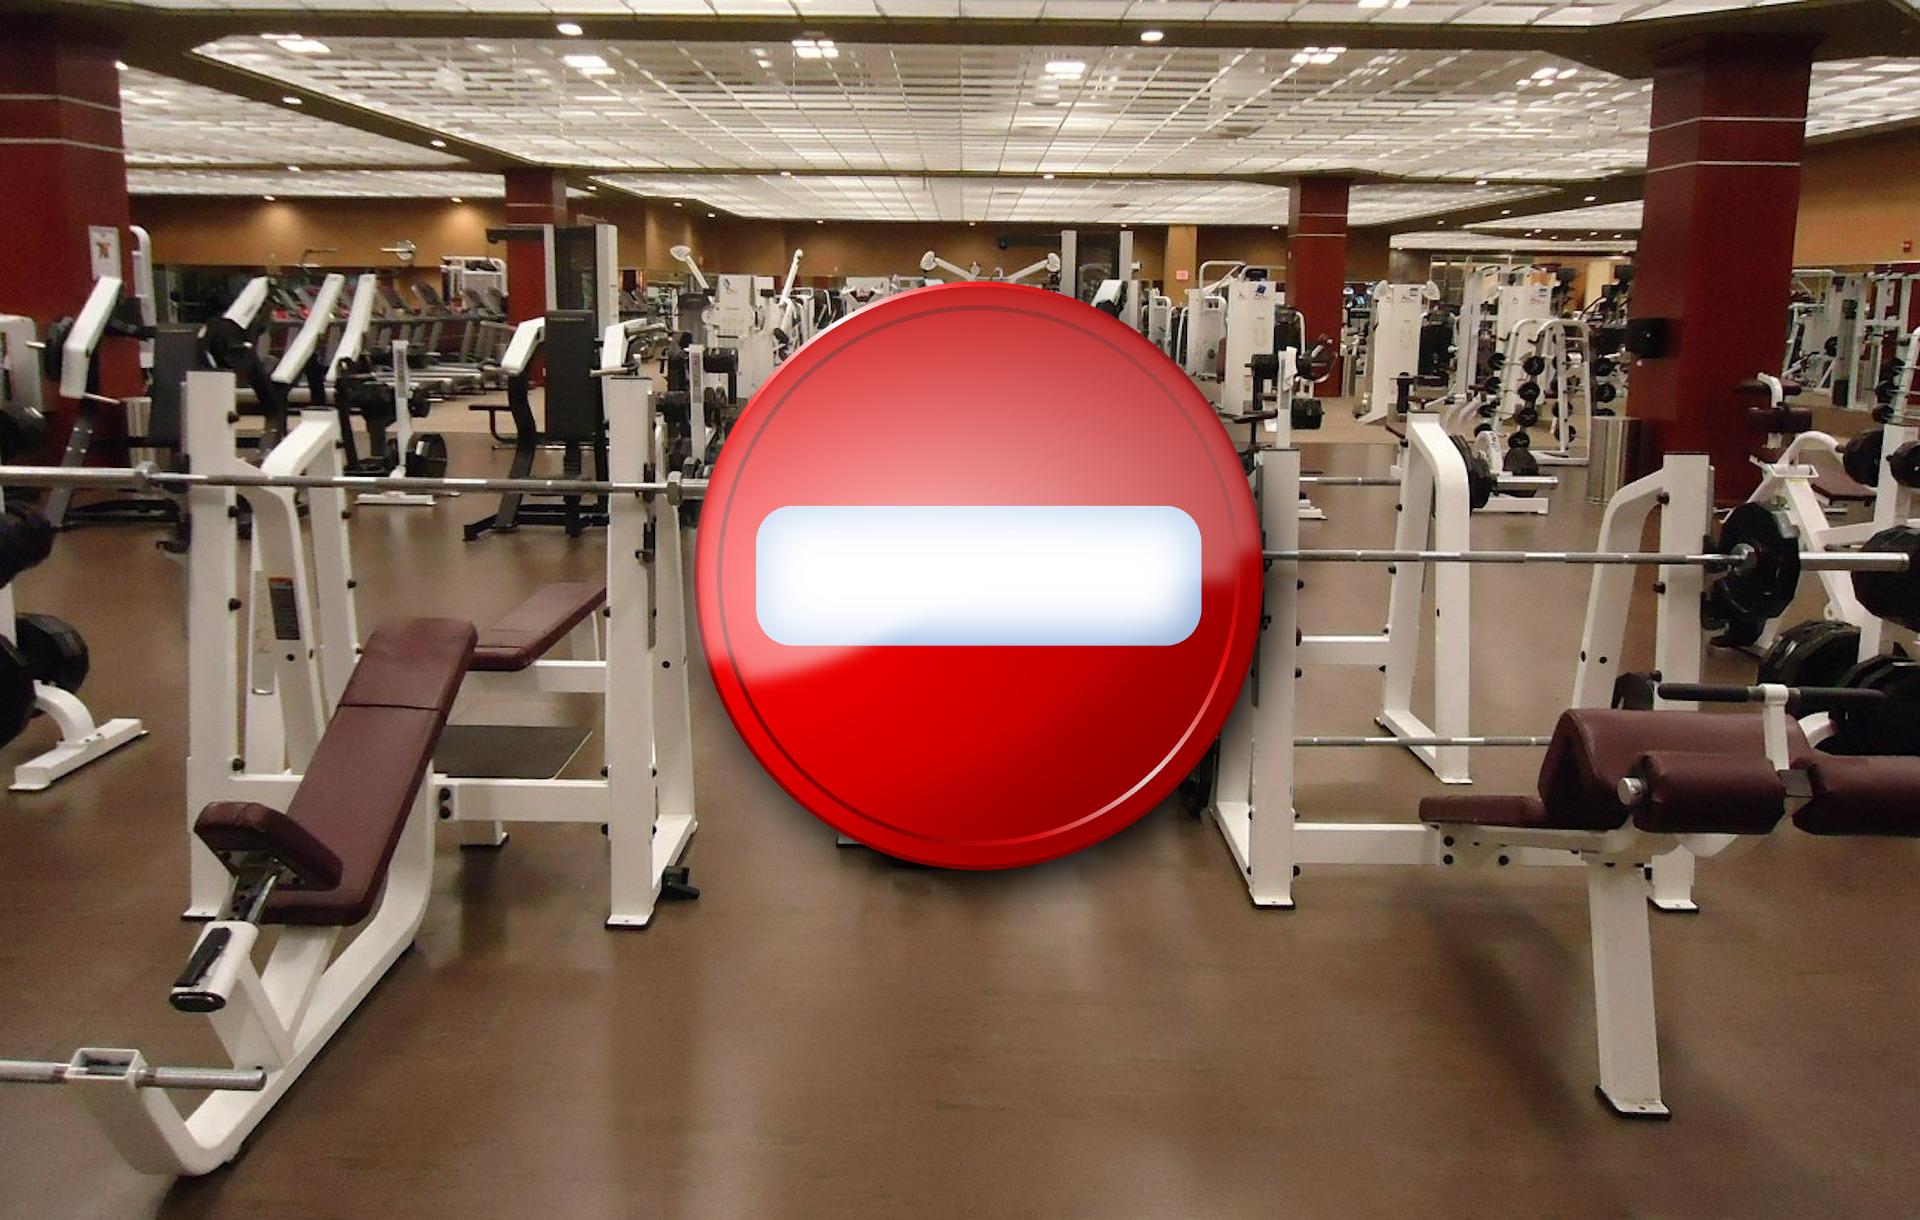 Ministerstwo Zdrowia: Nie możemy pozwolić sobie na otwarcie restauracji, siłowni i klubów fitness - Zdjęcie główne